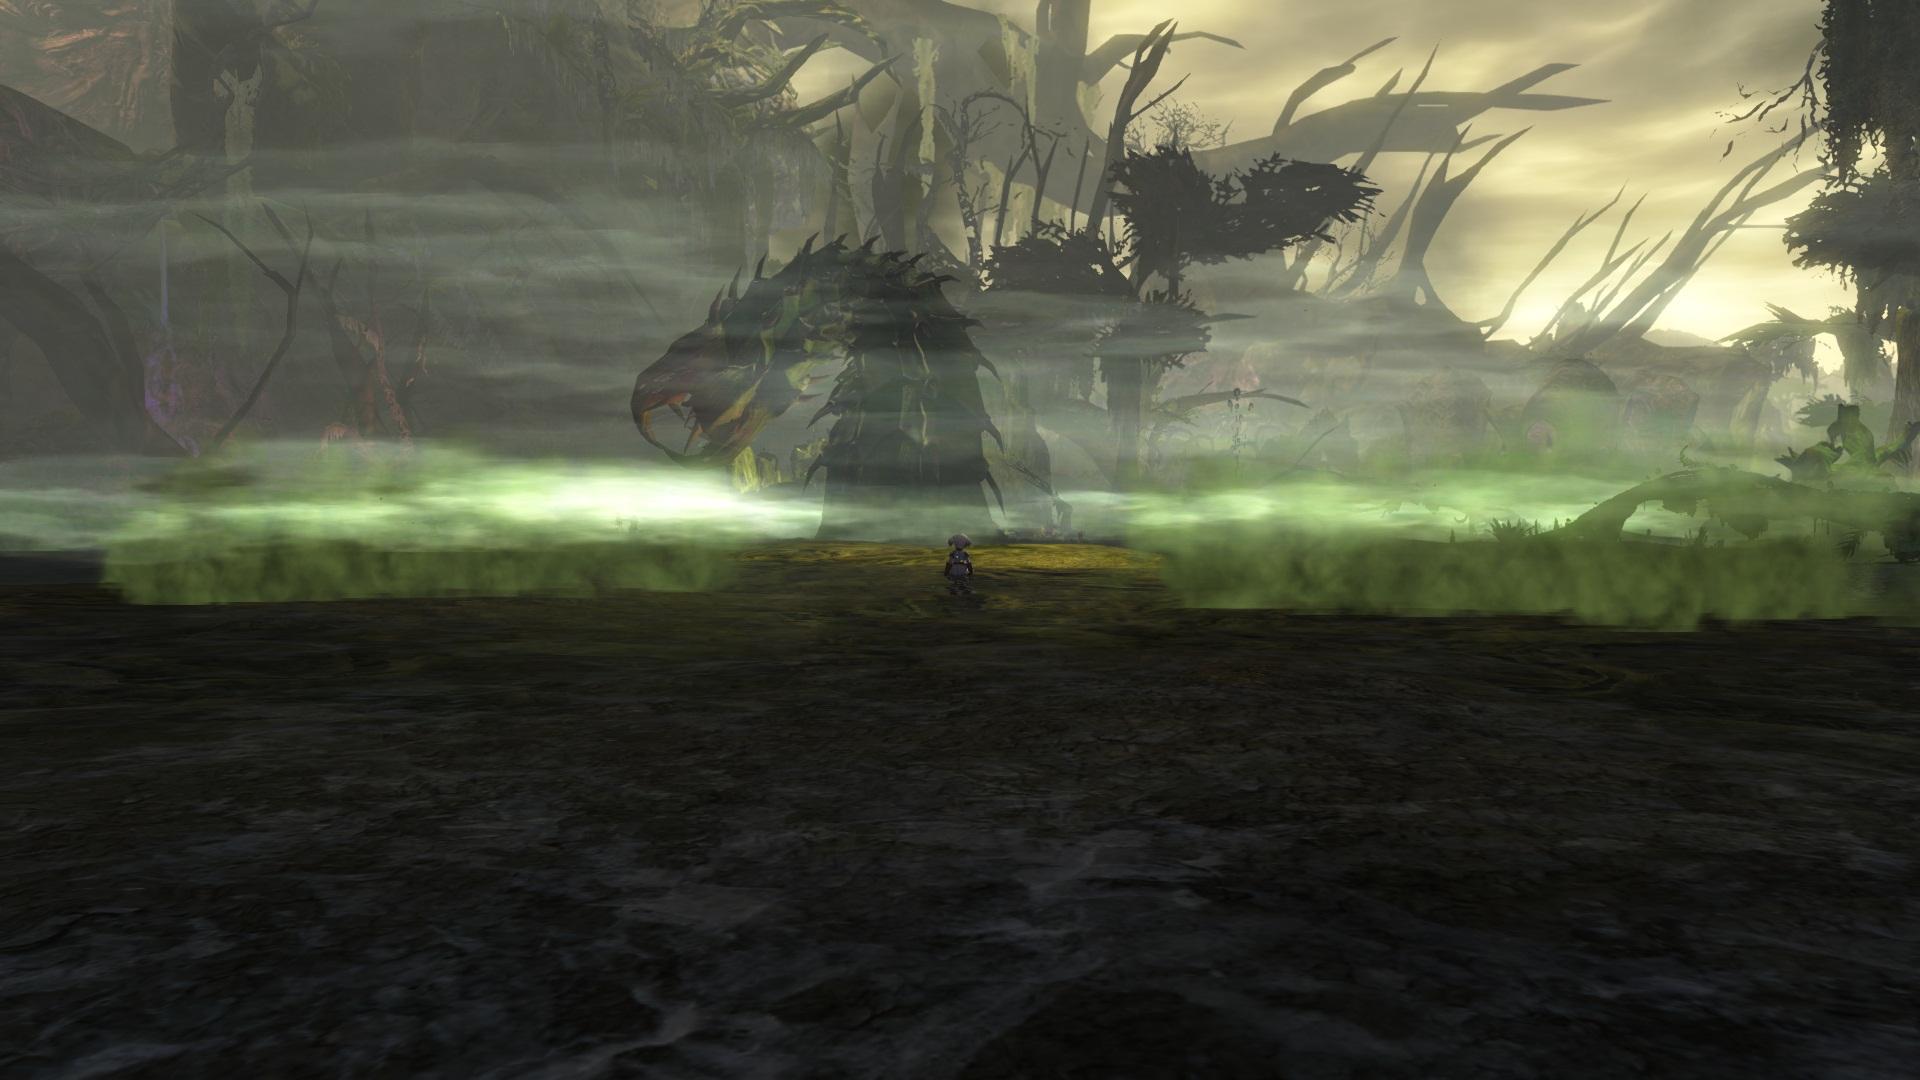 vrumpt games link deleted videomedia wars guild